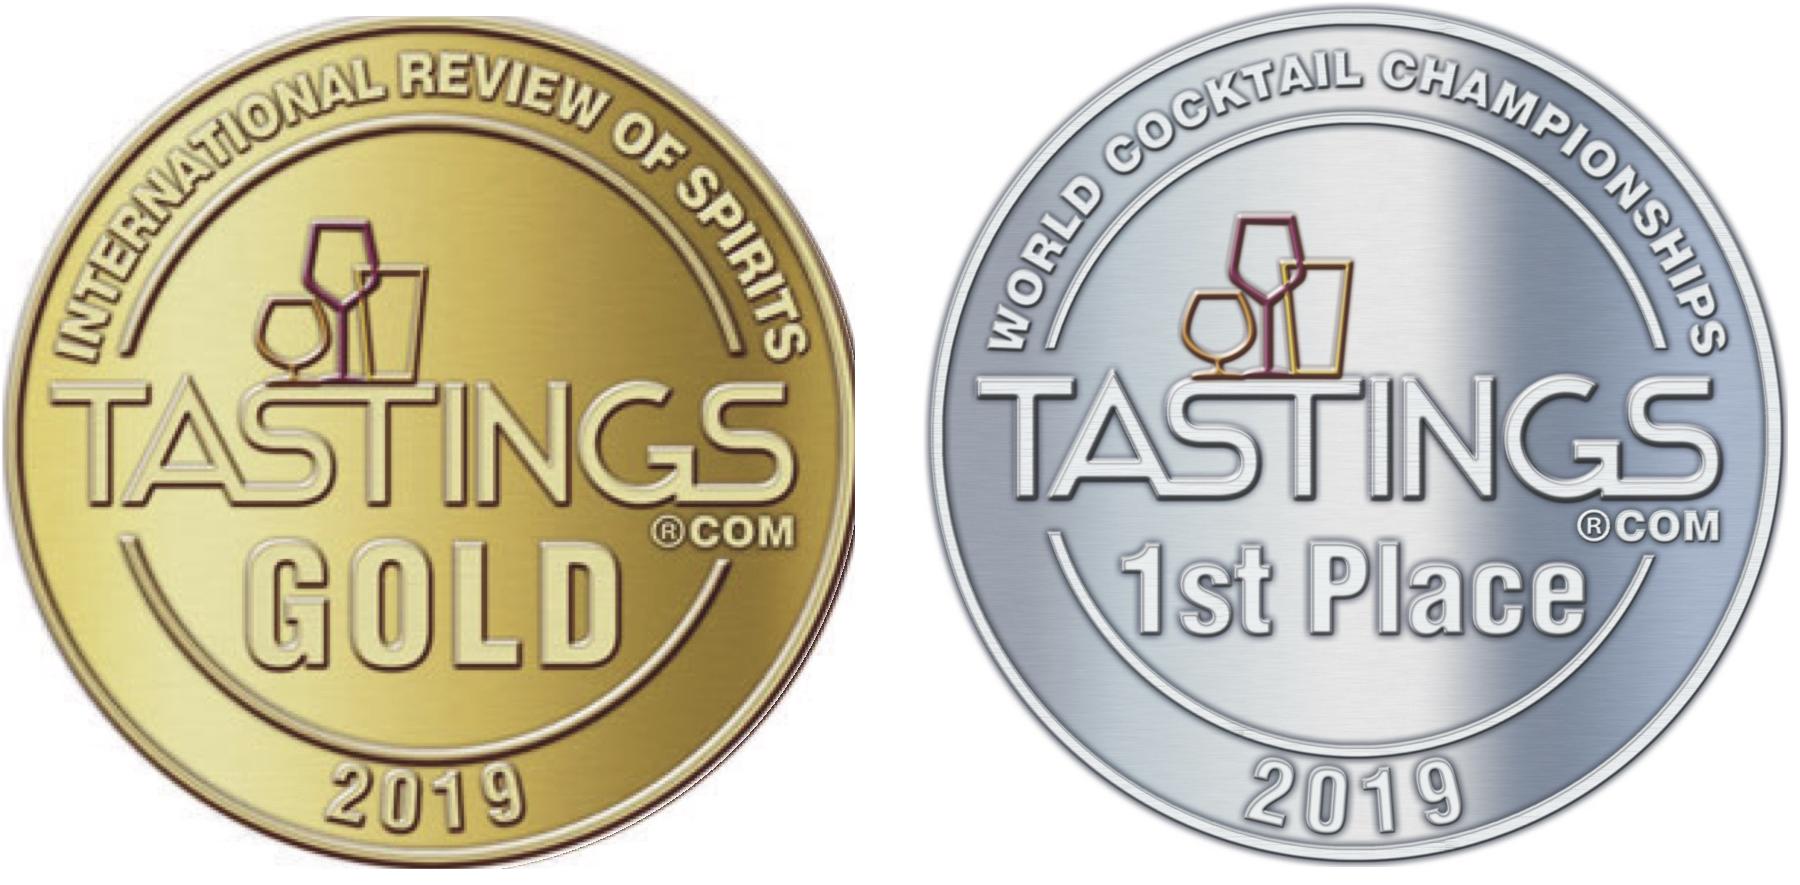 Tasting_Both Awards_2019.png